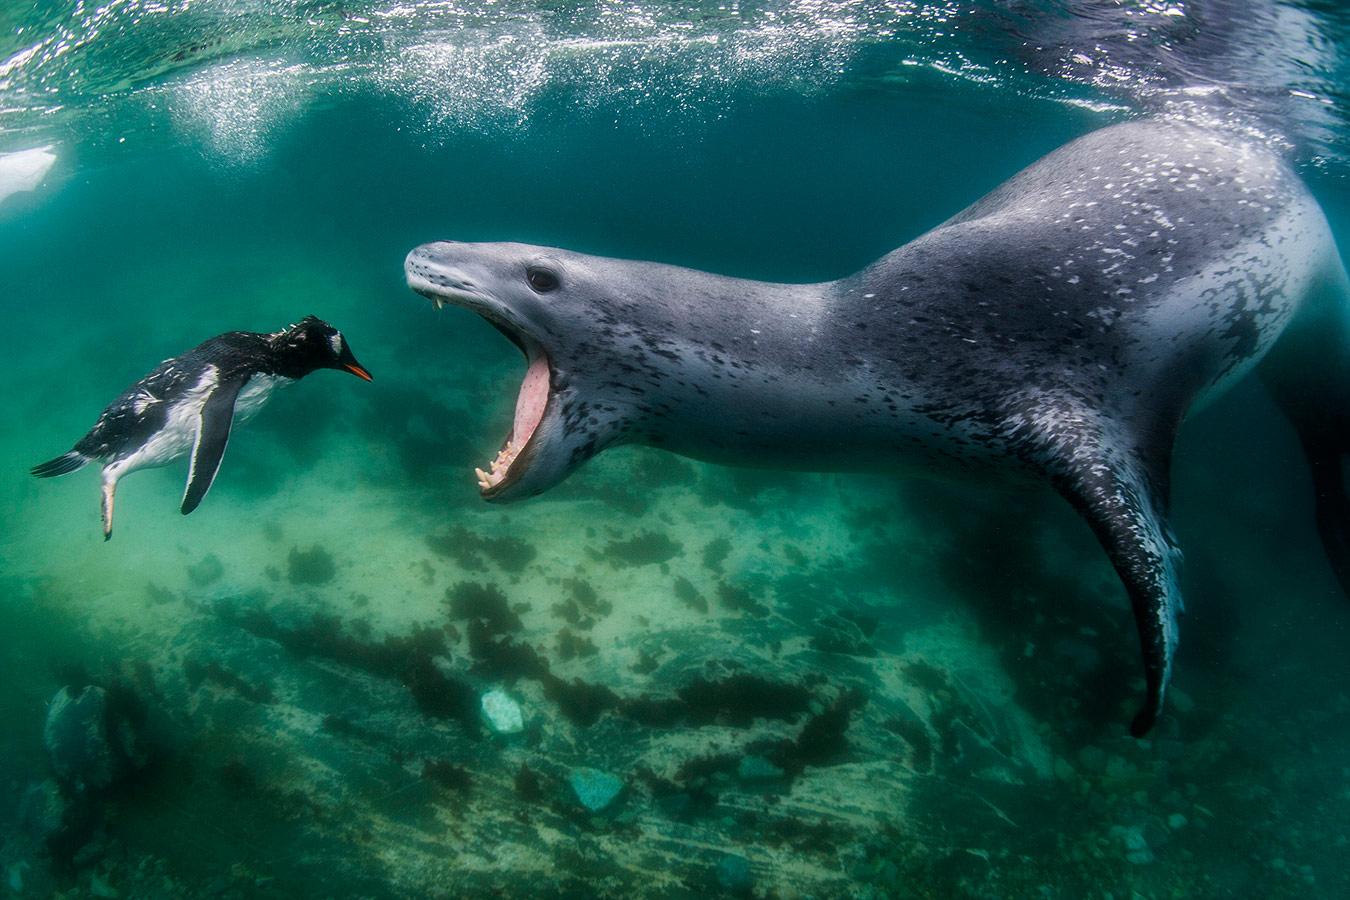 Лицом к реальности, © Амос Нахум, Пасифик-Гроув, США, Первое место в категории «Подводная» : профессионал, Фотоконкурс «Великие просторы» — пейзажи и живая природа — The Great Outdoors